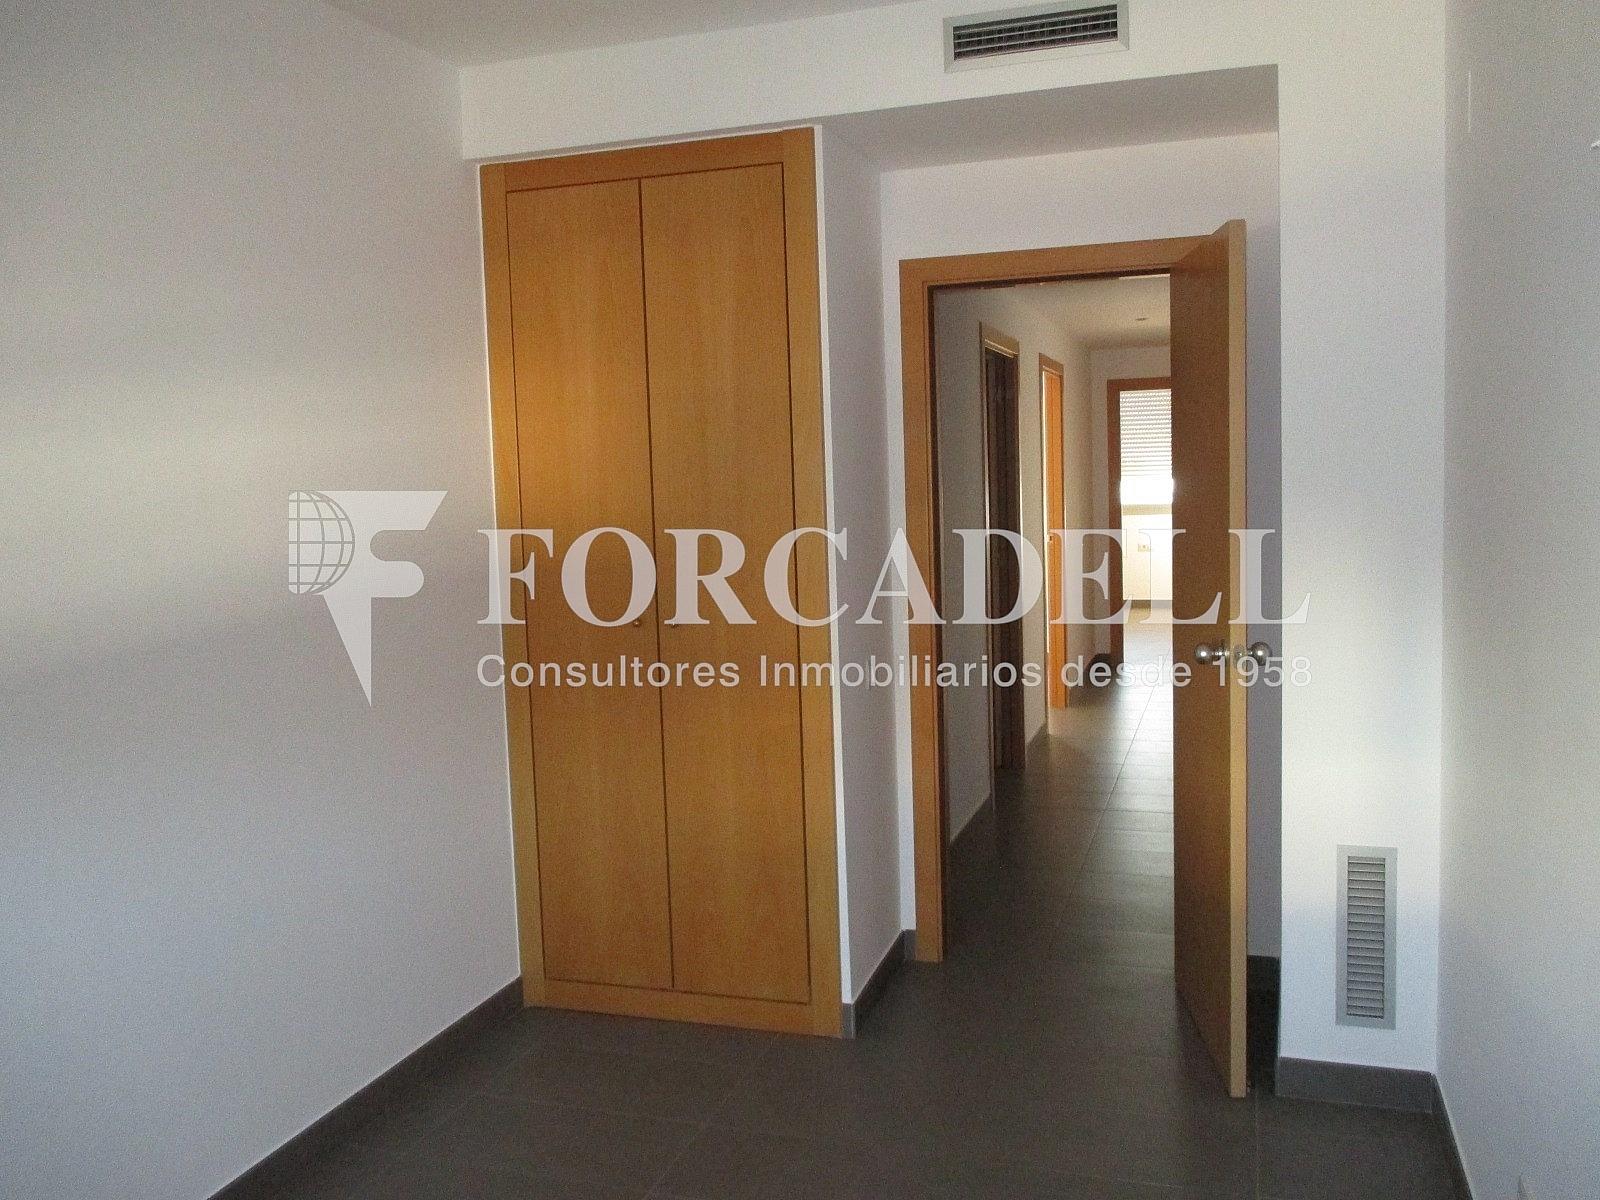 IMG_2675 - Piso en alquiler en calle Merce Rodoreda, Can clota en Esplugues de Llobregat - 331432065